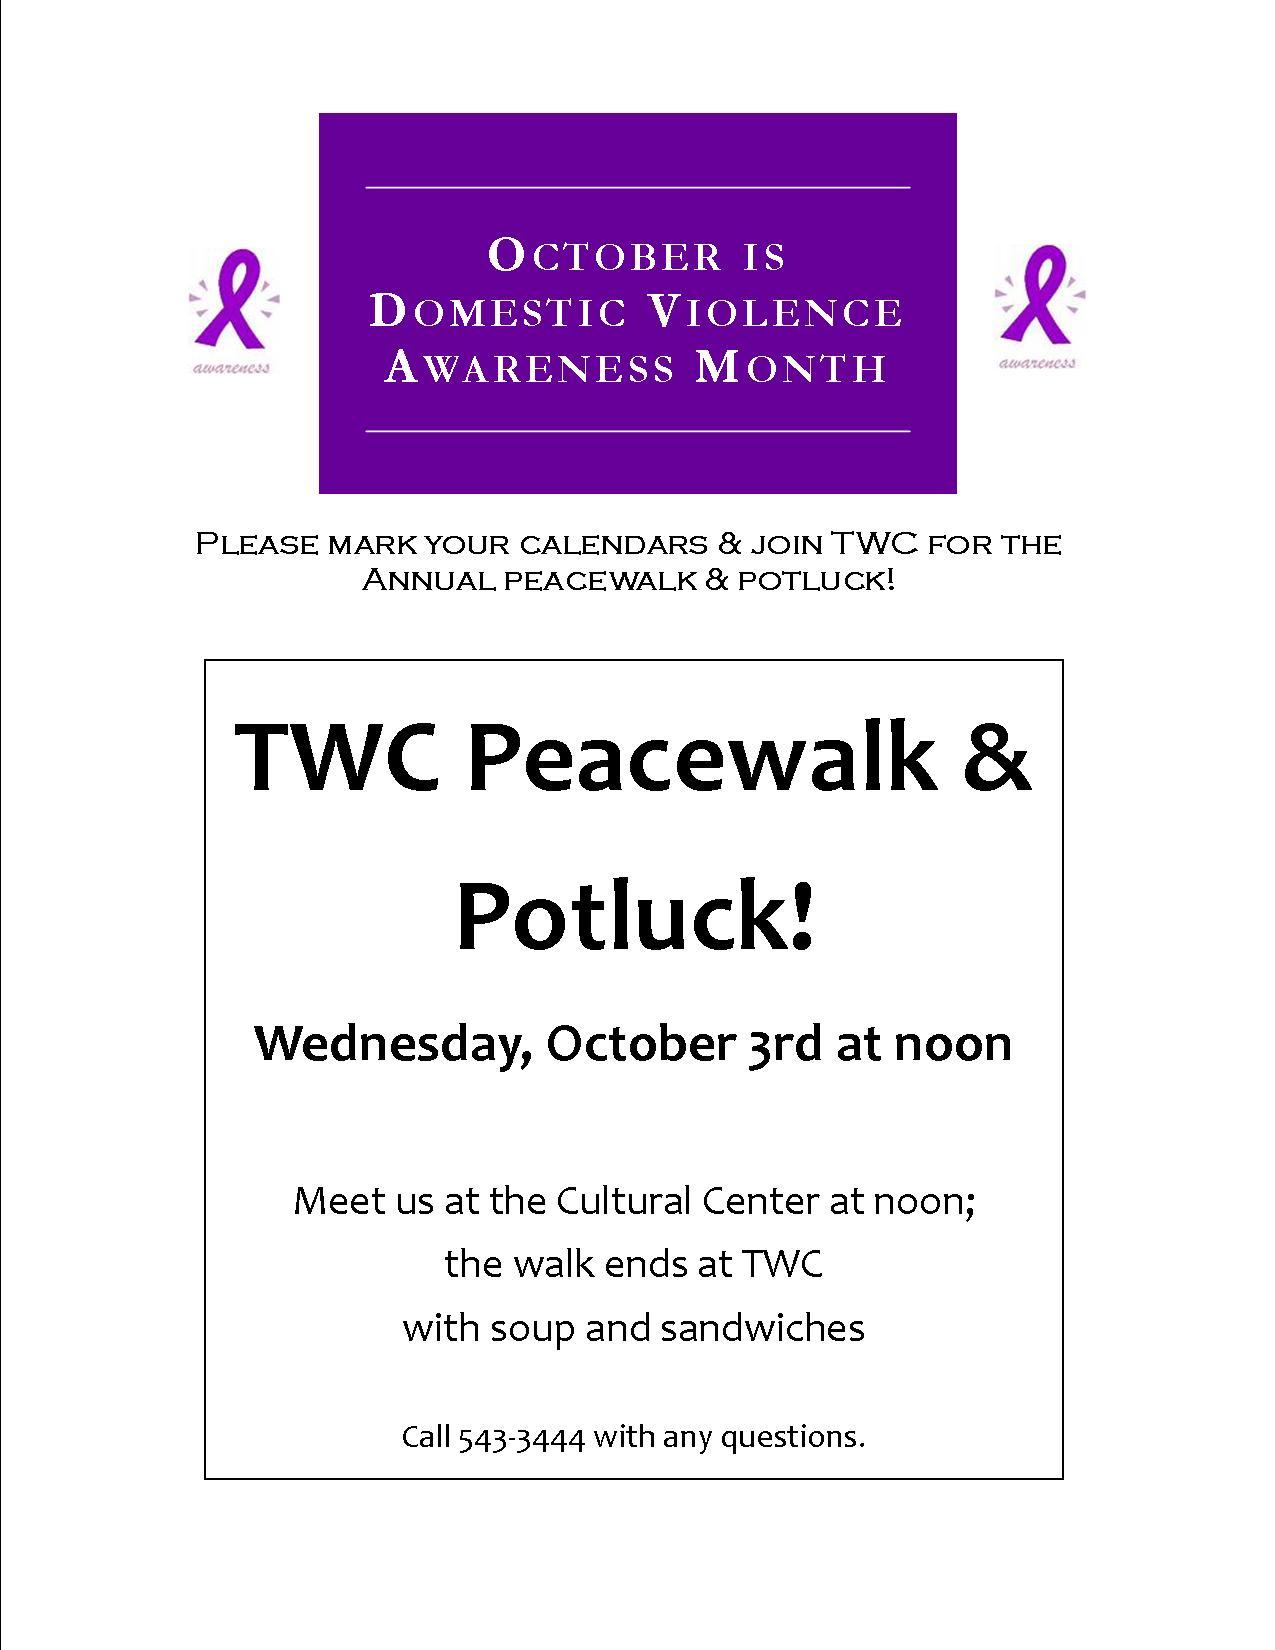 Peacewalk Announcement